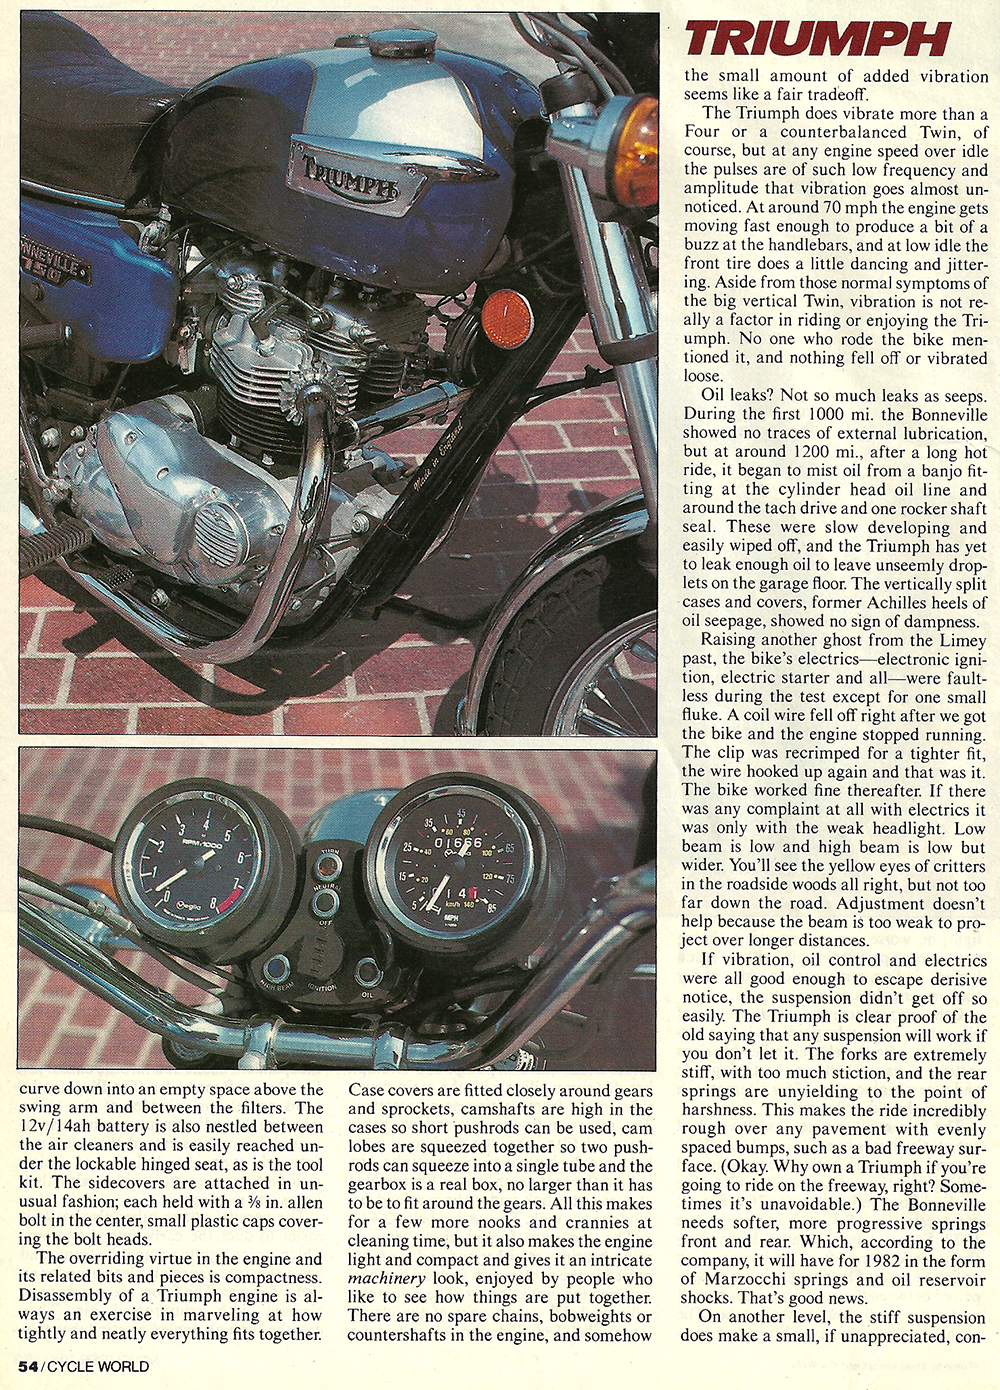 1981 Triumph 750 Bonneville road test 3.jpg